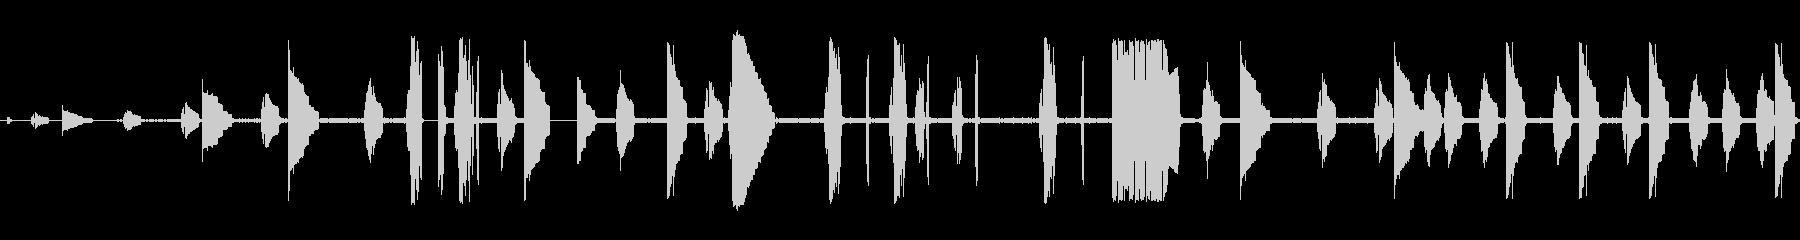 トーンビープ音歪んだビデオゲームの未再生の波形